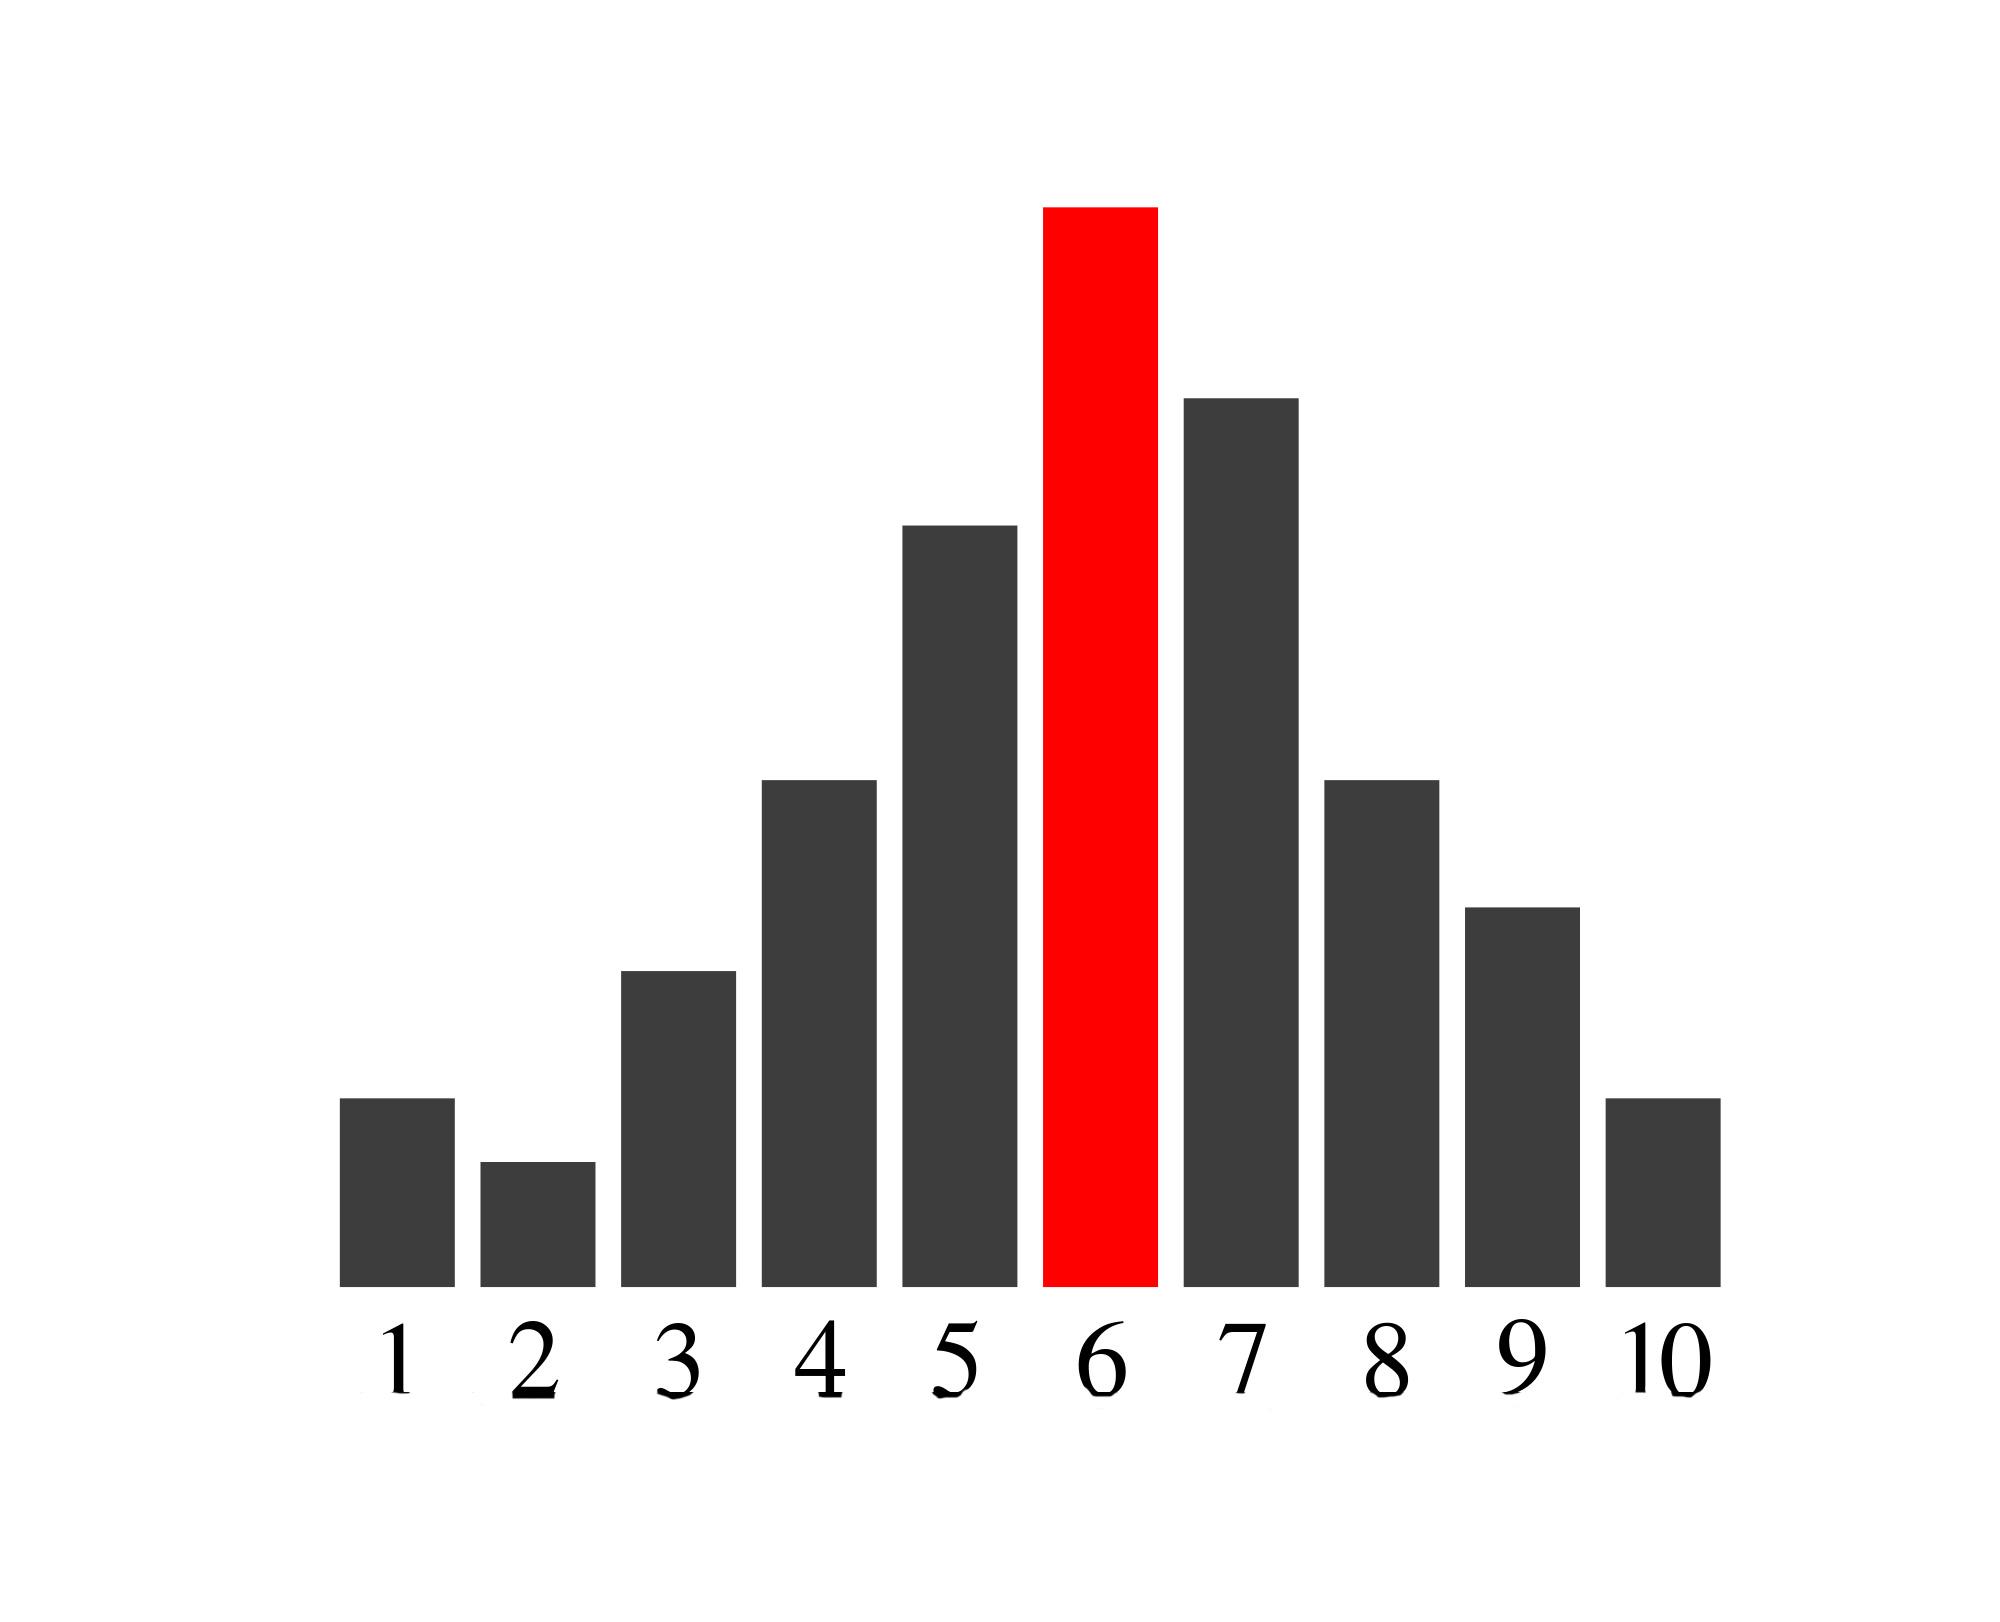 1-10 measure